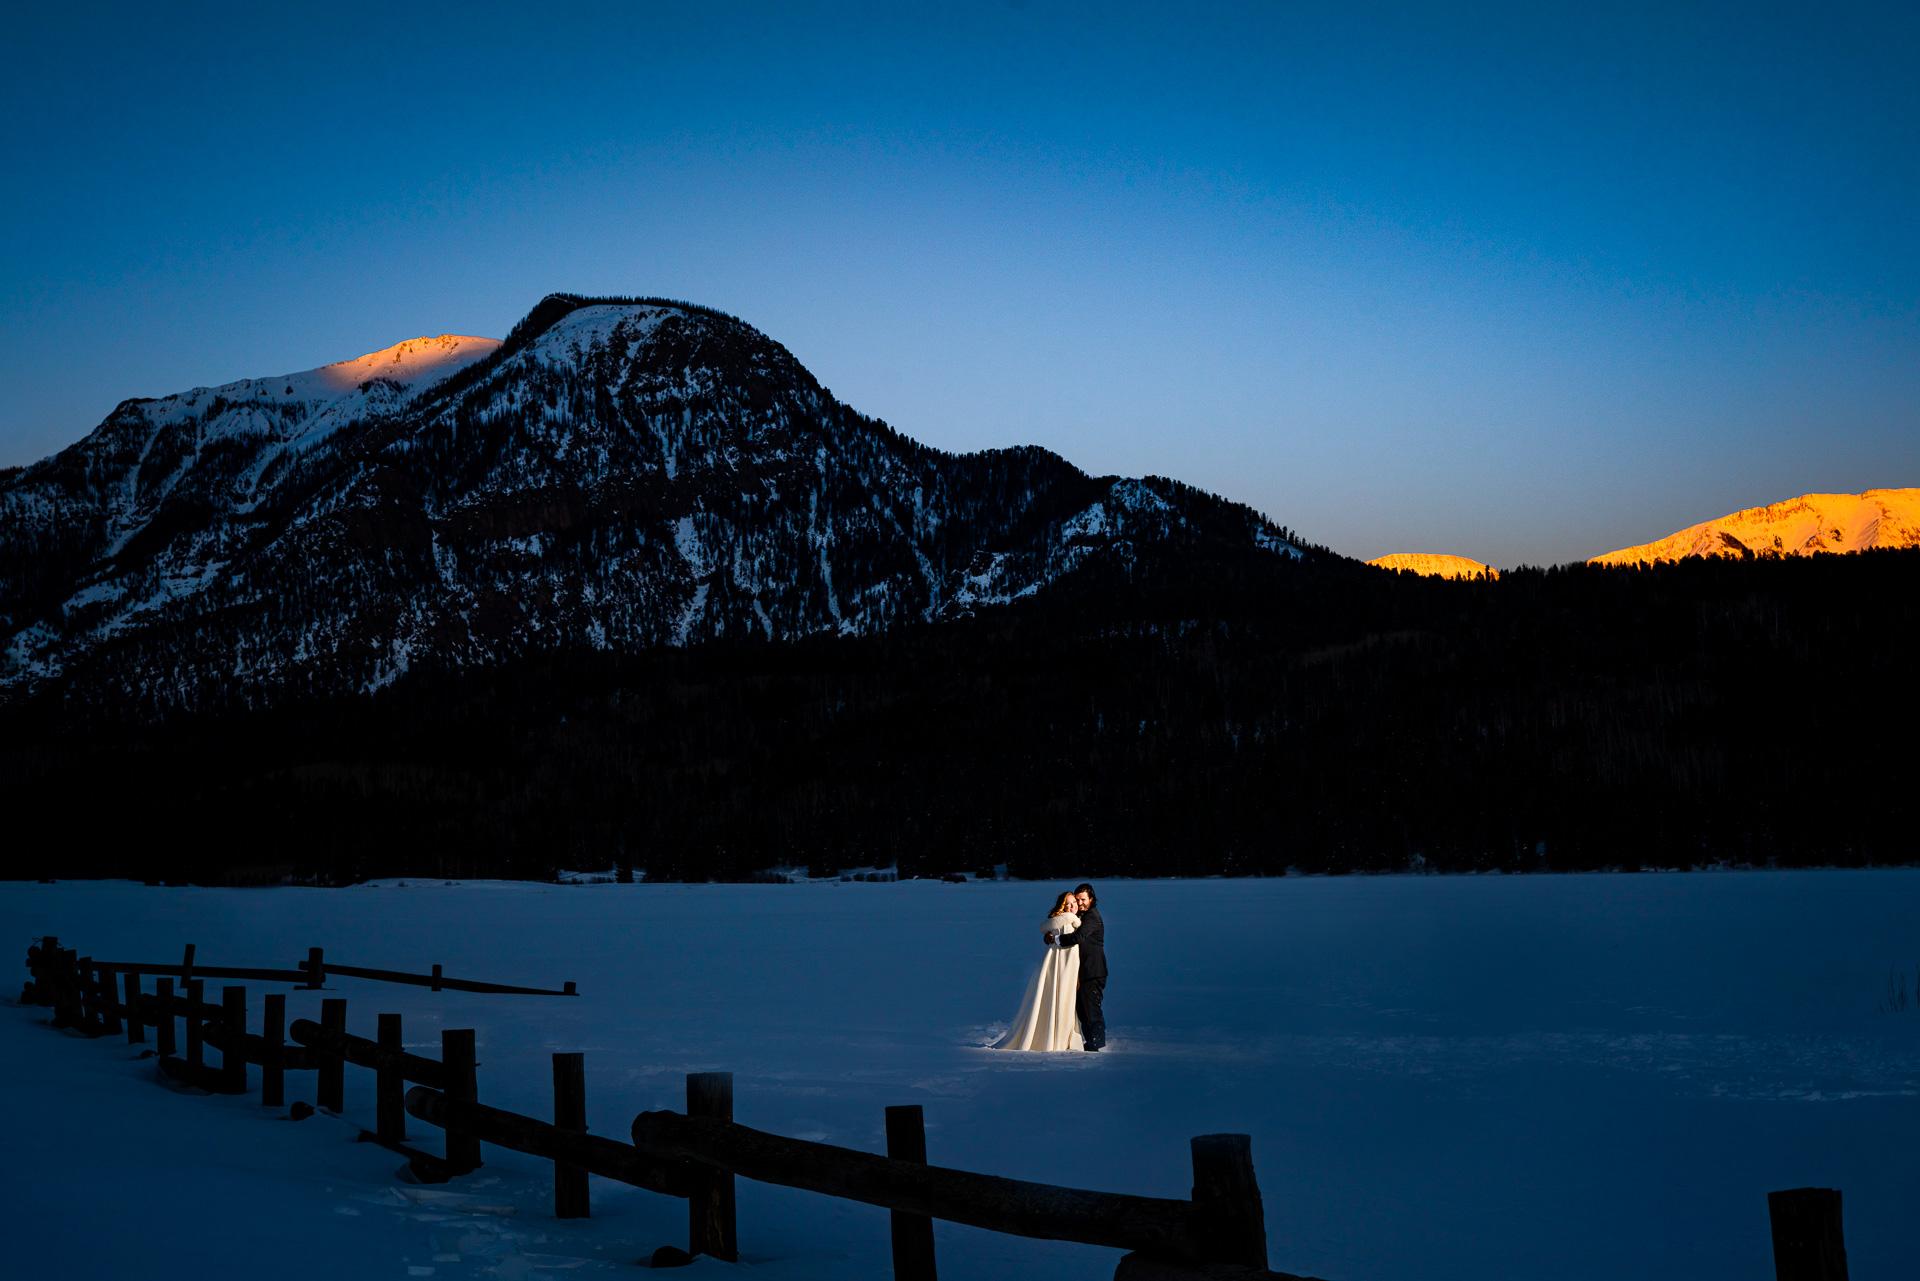 Williams Creek Reservoir - Colorado Wedding Couple Portrait | The couple pose for a blue hour portrait